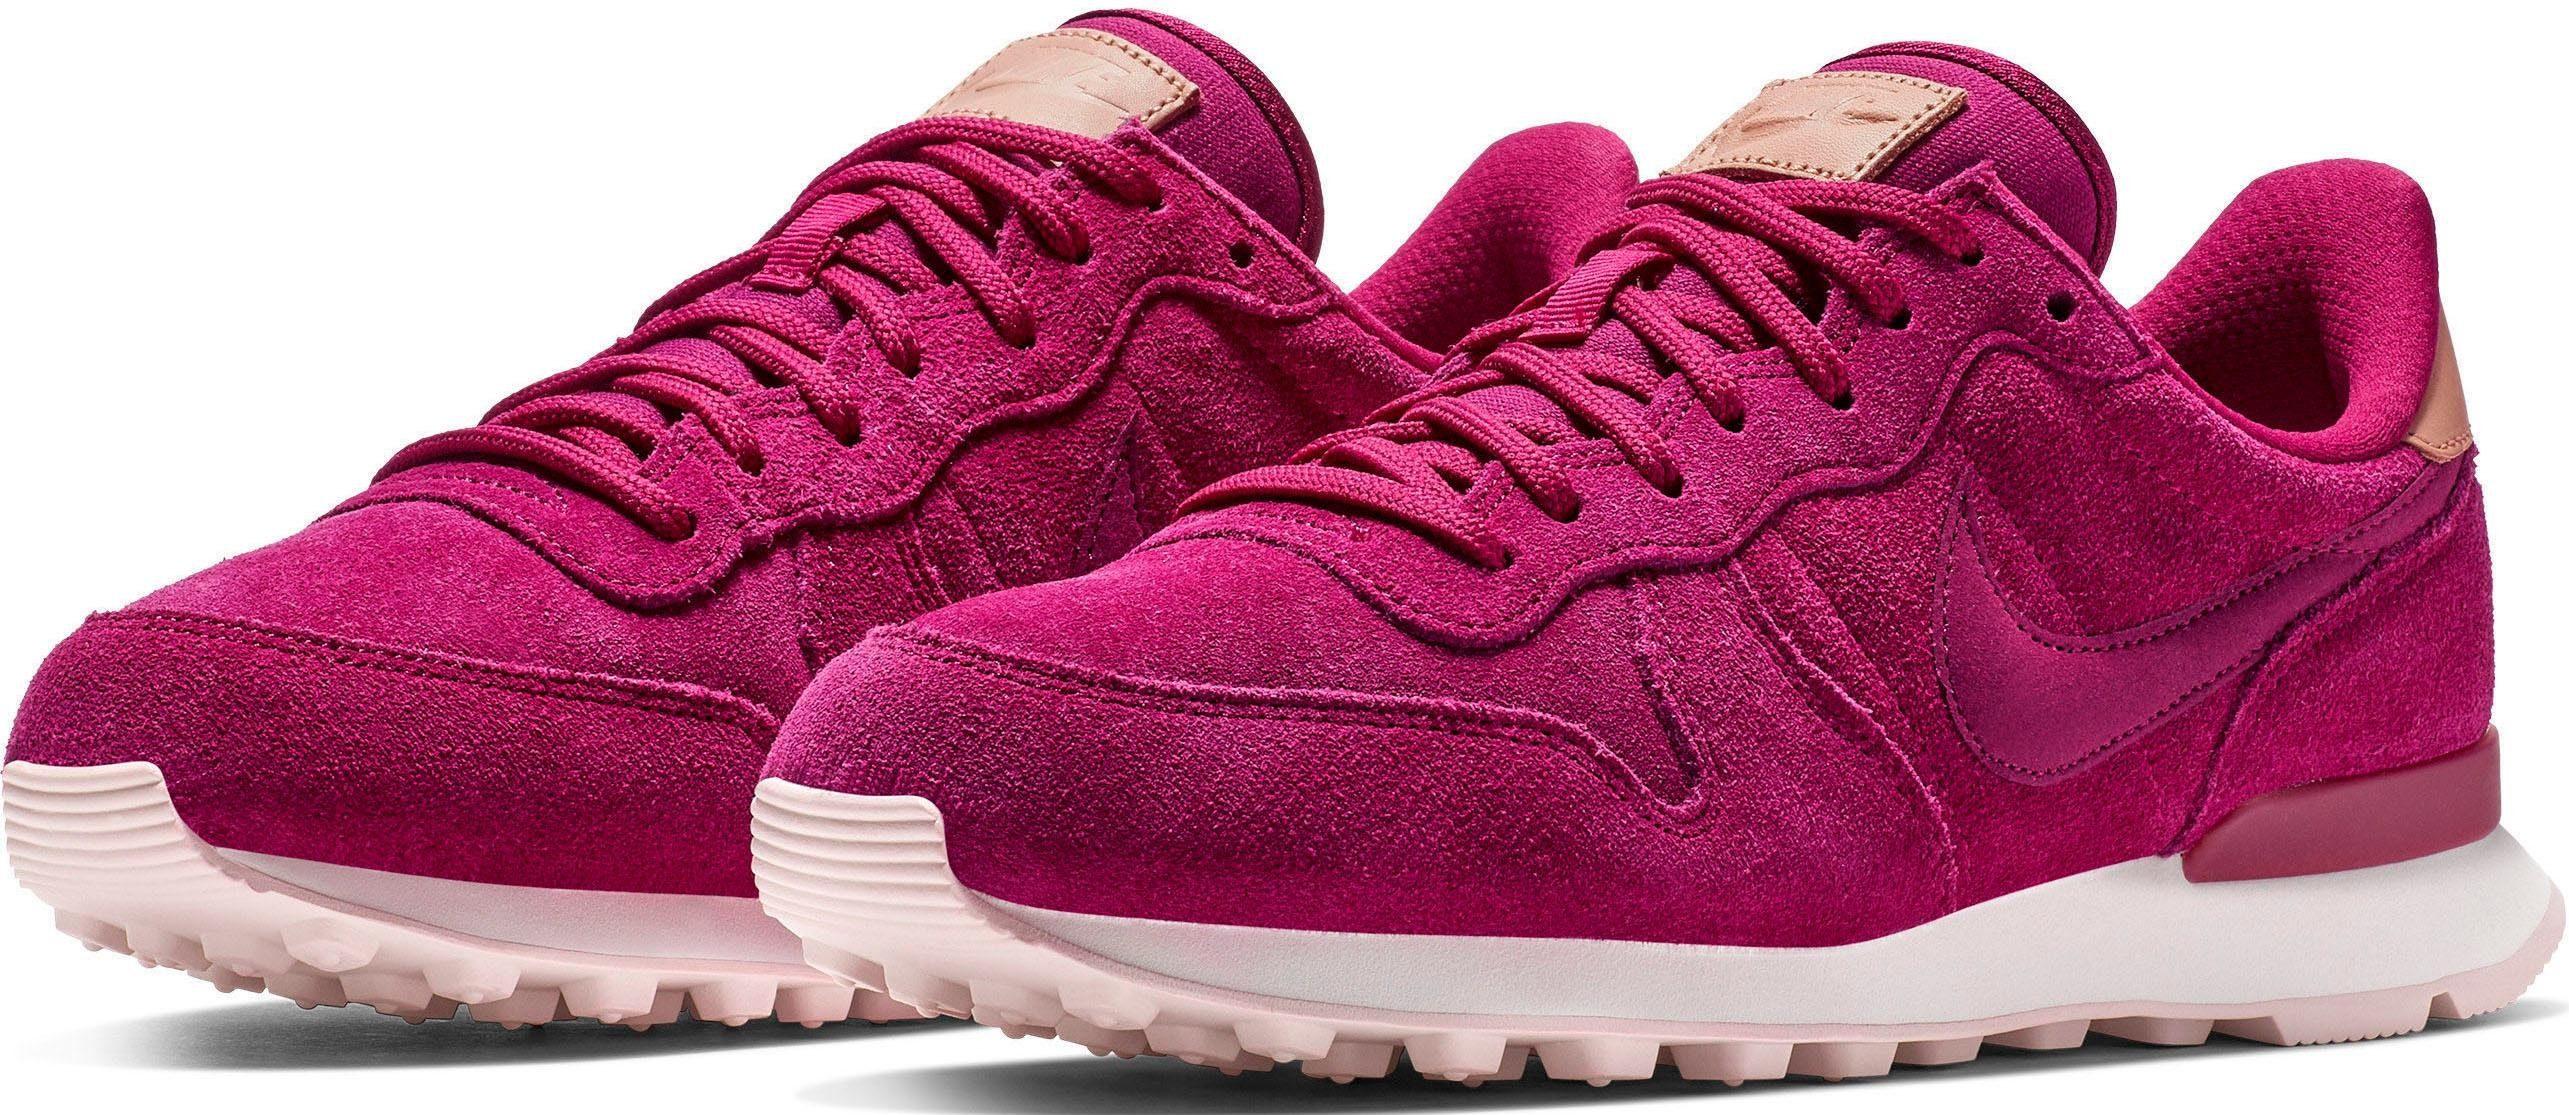 Nike Sportswear »WMNS INTERNATIONALIST PREMIUM« Sneaker online kaufen | OTTO